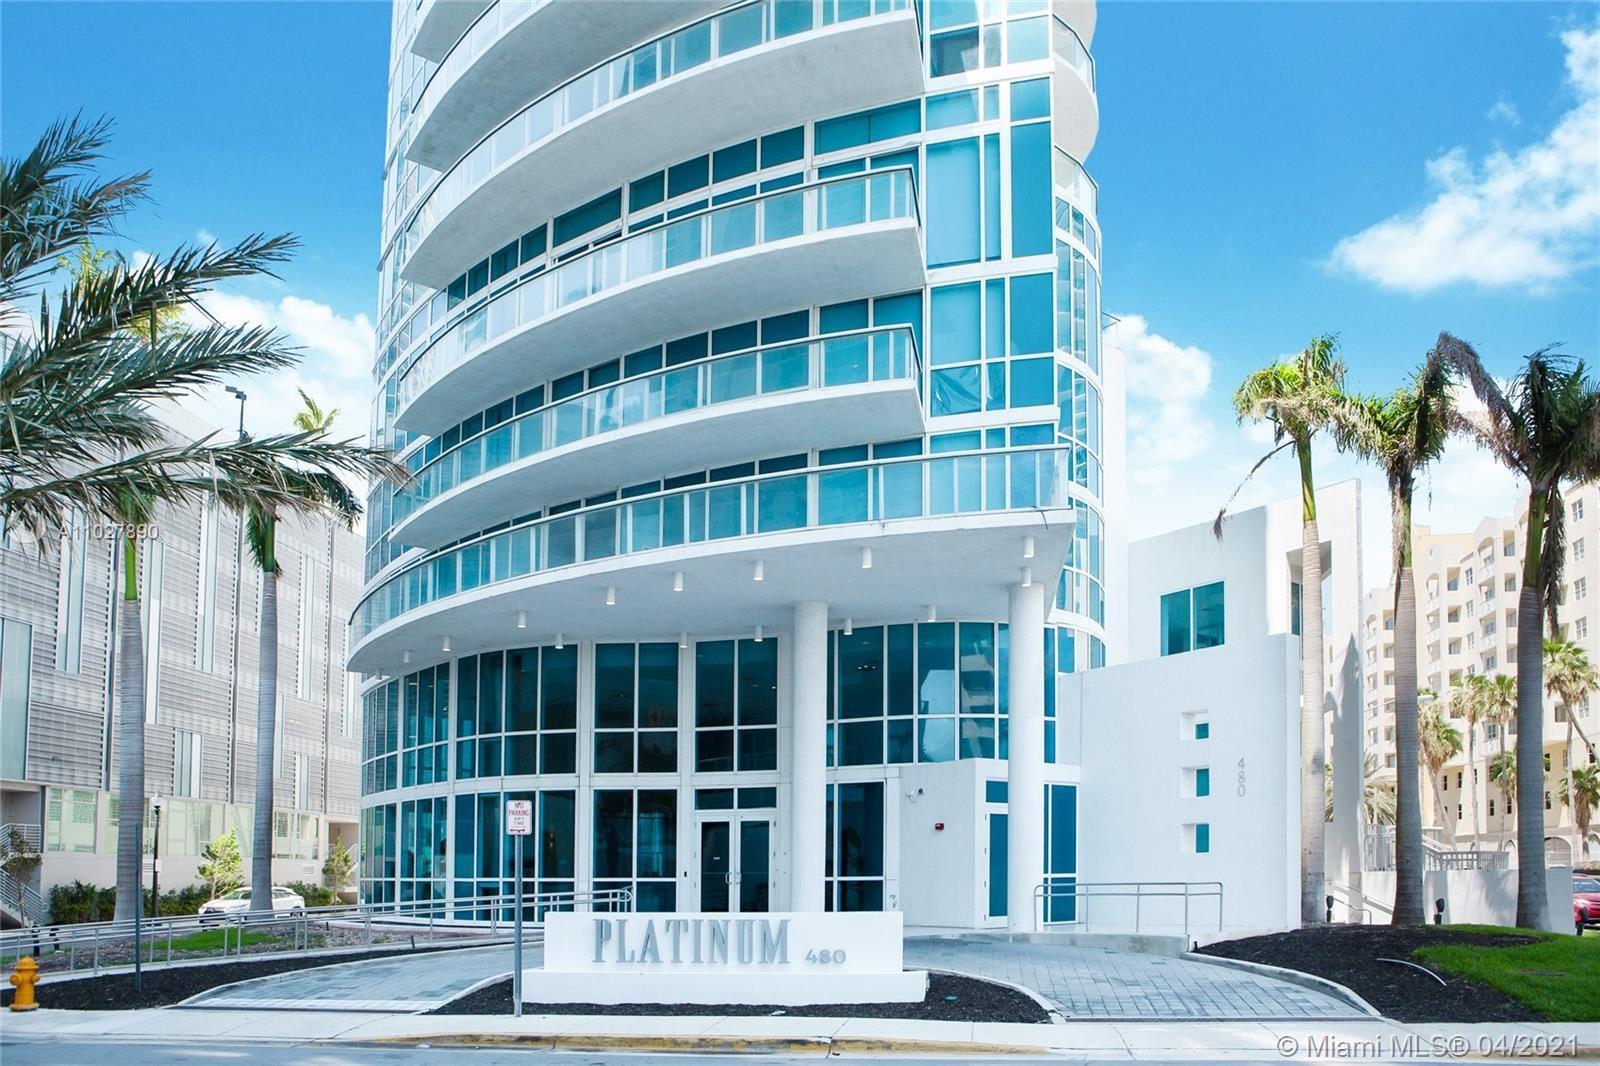 480 NE 30th St #1101, Miami, FL 33137 - #: A11027890